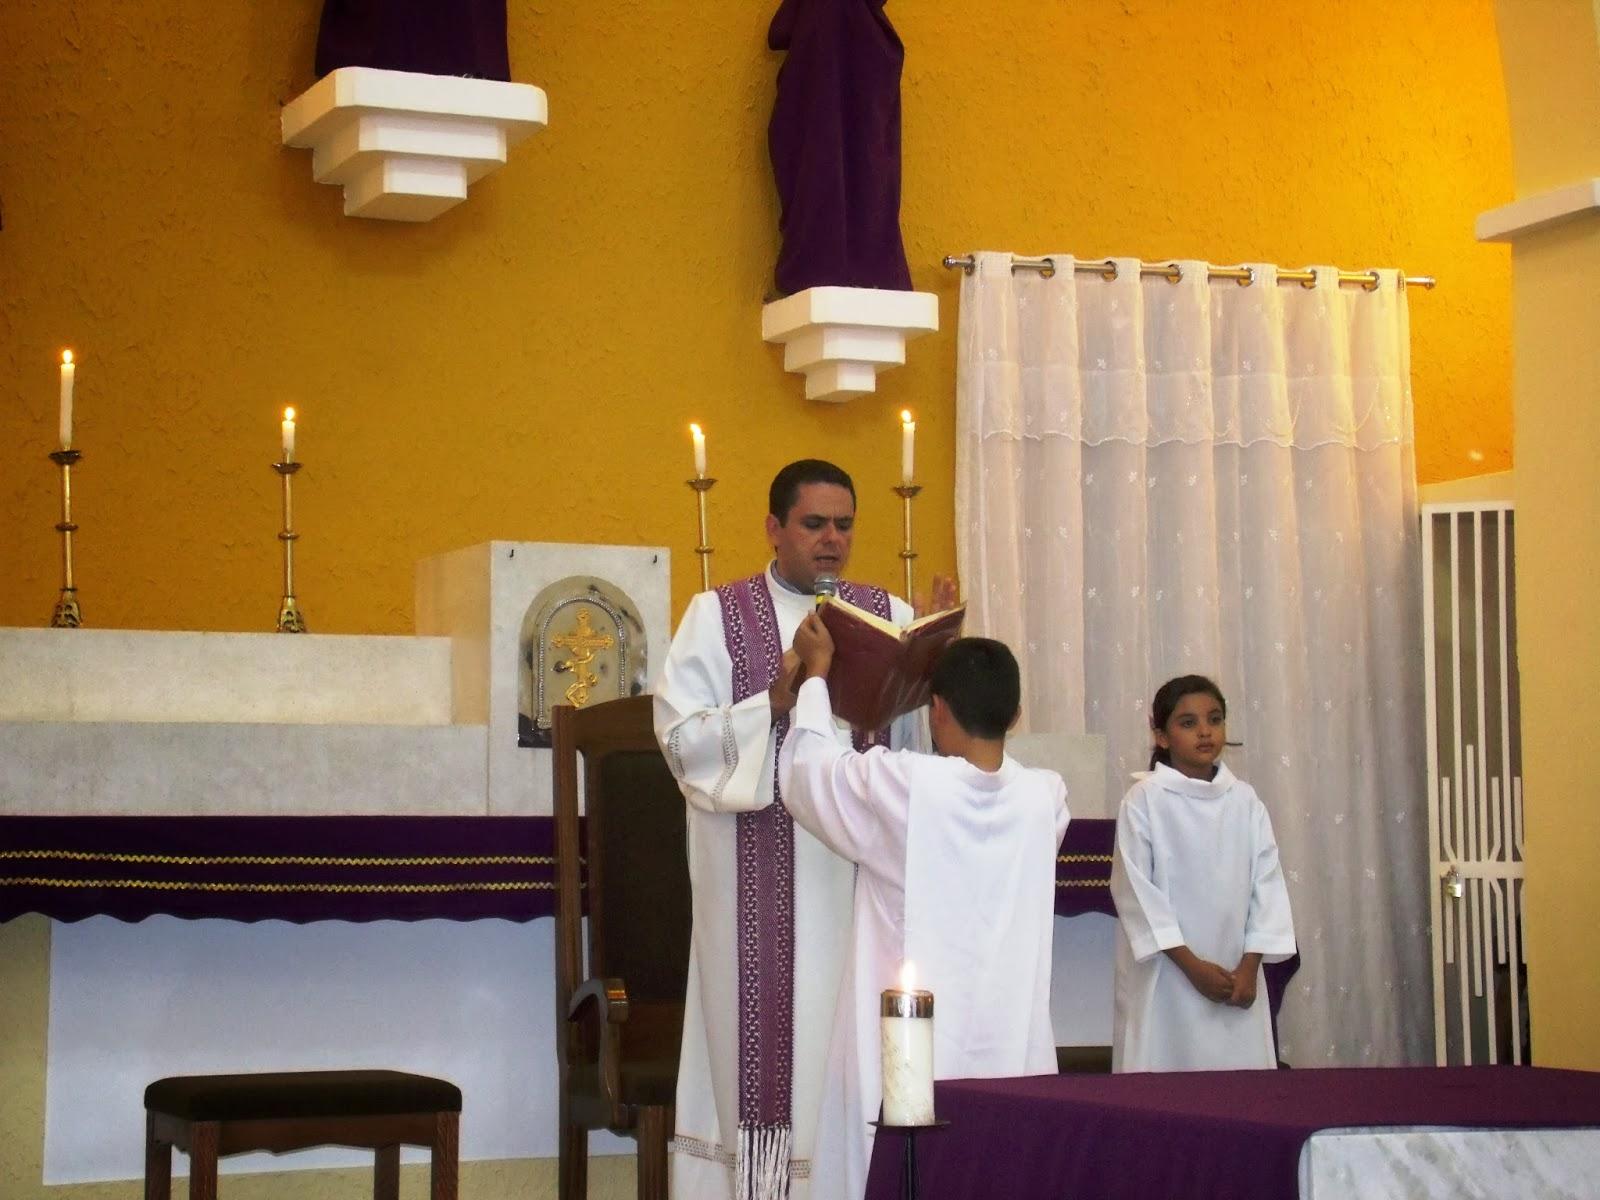 Imagens da Santa Missa da quarta feira de cinzas e abertura da CF 2014 em Almino Afonso - RN